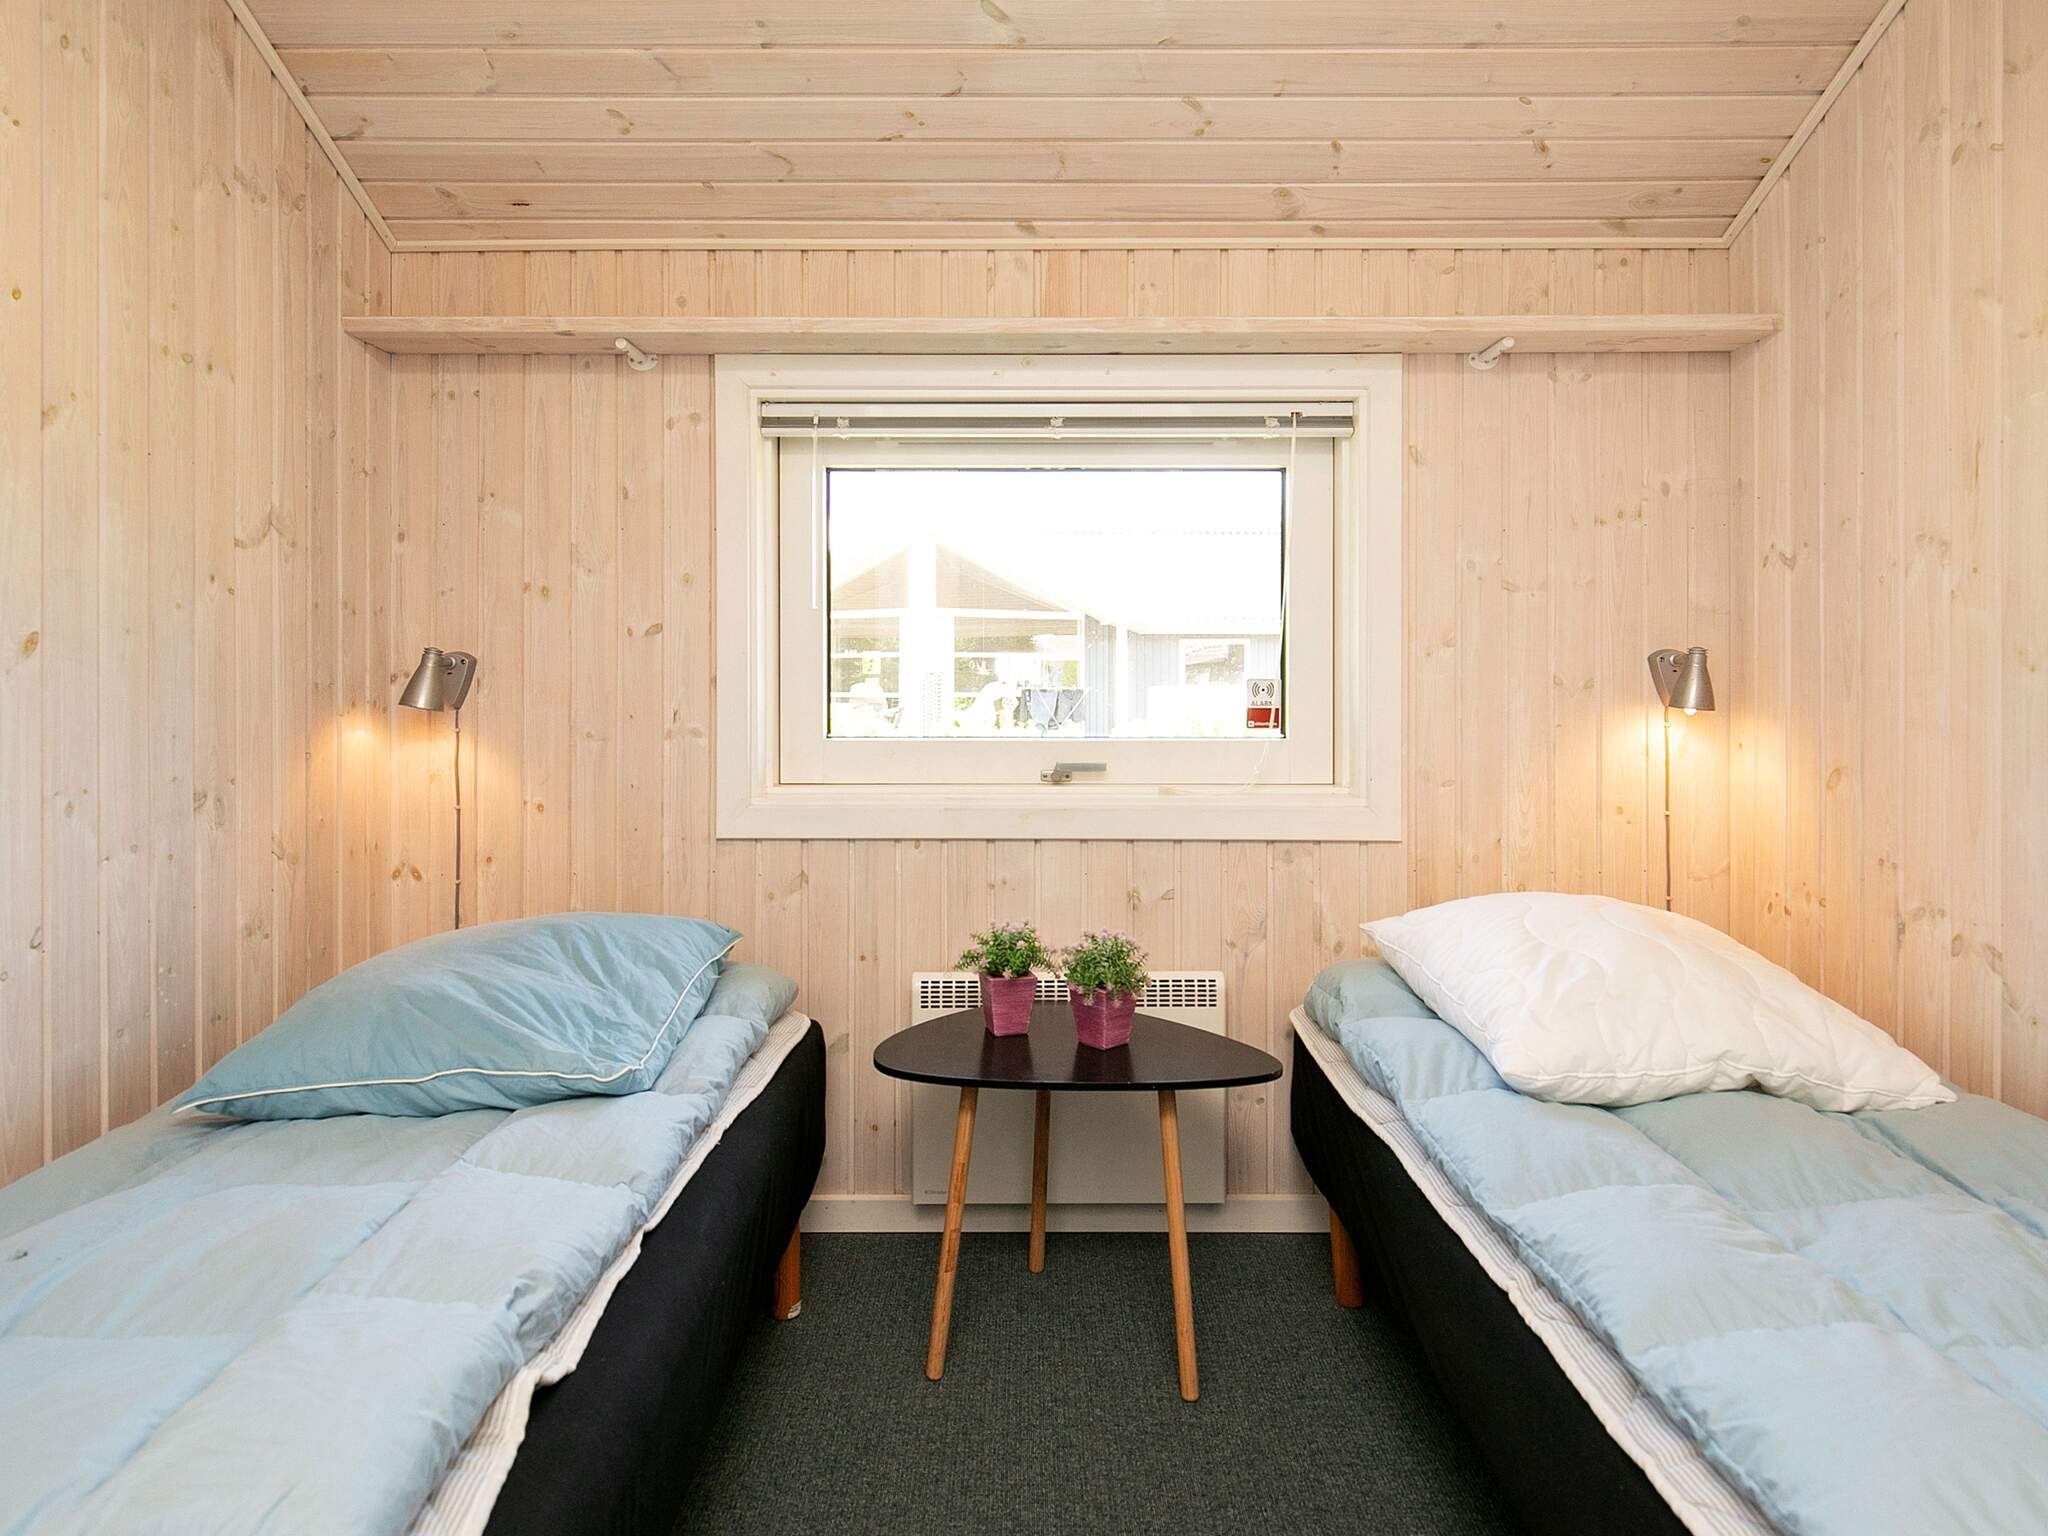 Ferienhaus Marielyst (86053), Marielyst, , Falster, Dänemark, Bild 11